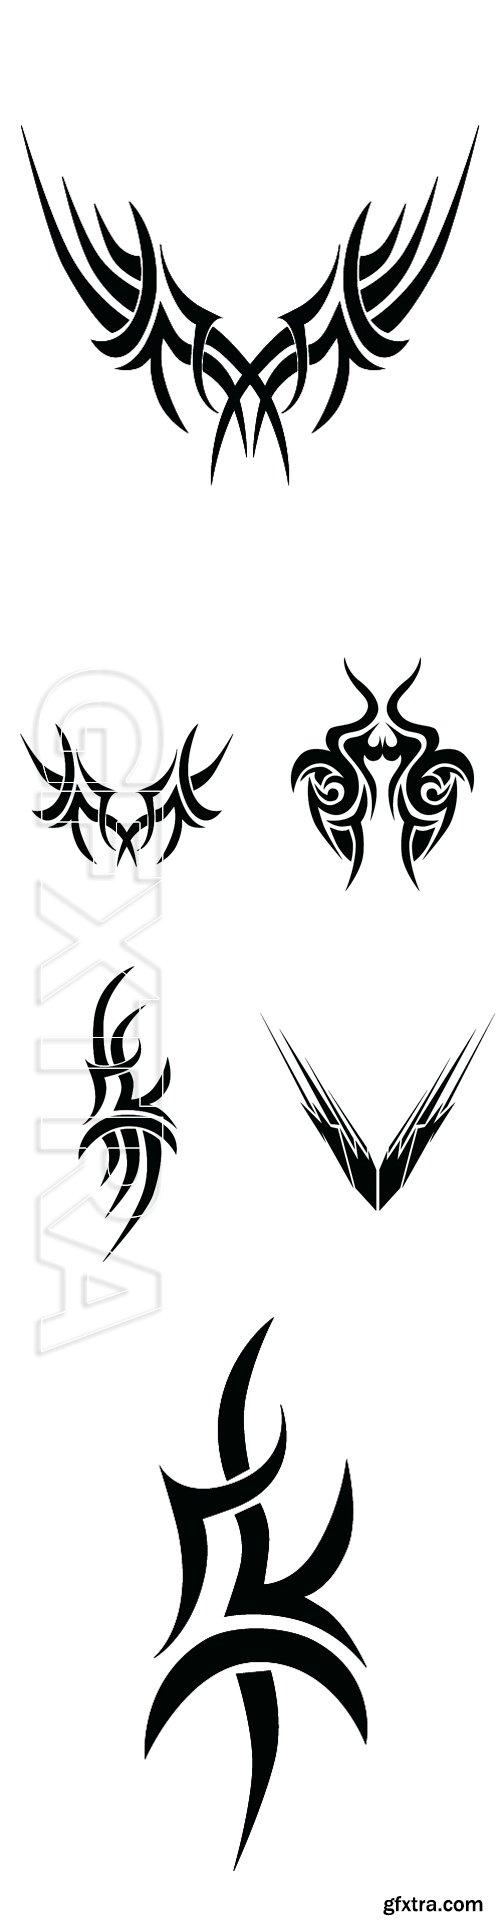 Stock Vectors - Tattoo